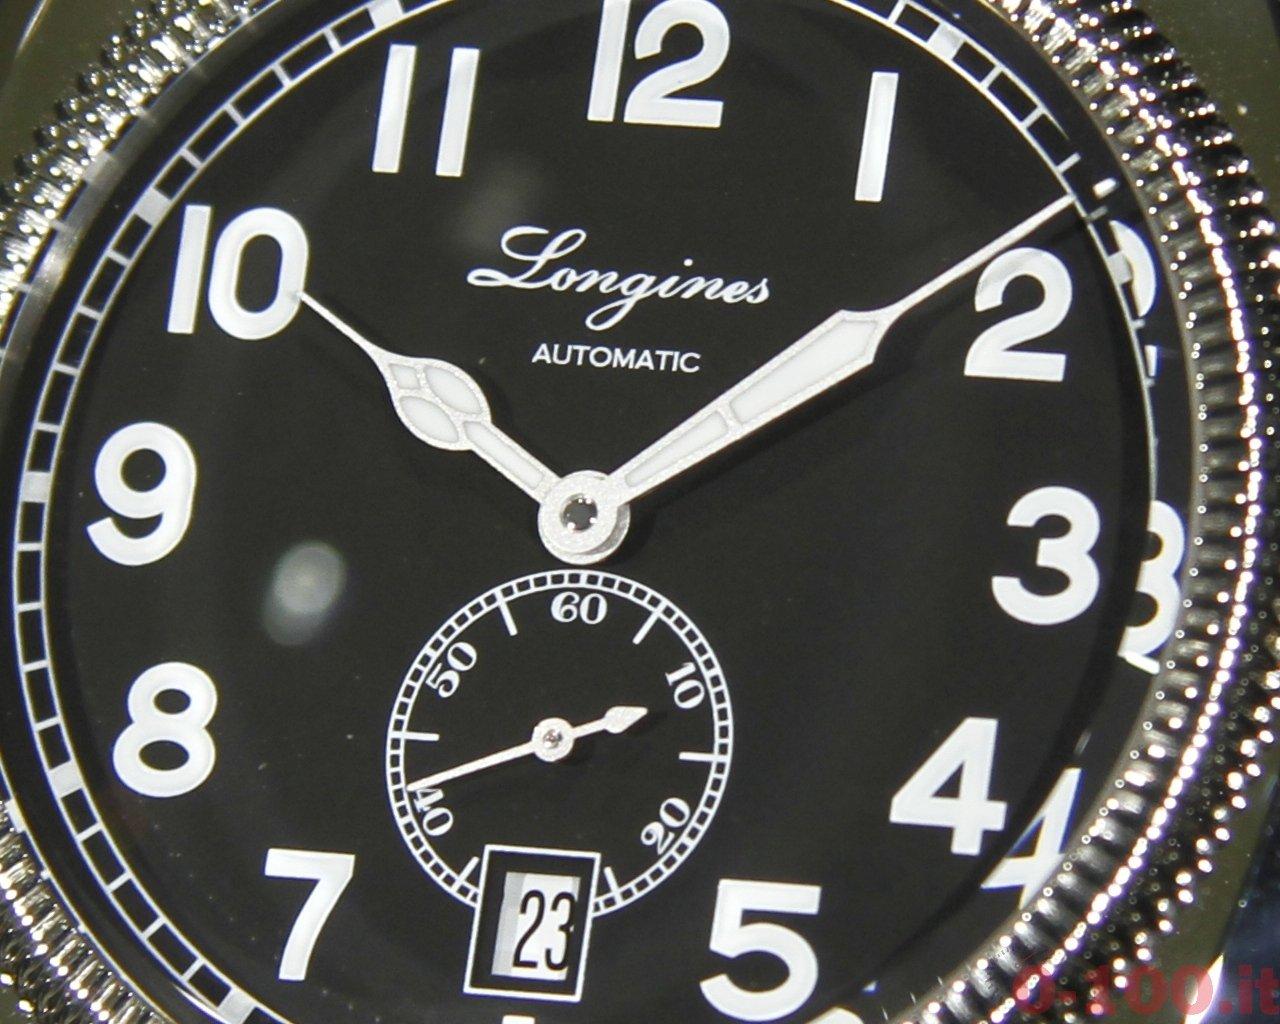 longines-heritage-1935-0-100_5